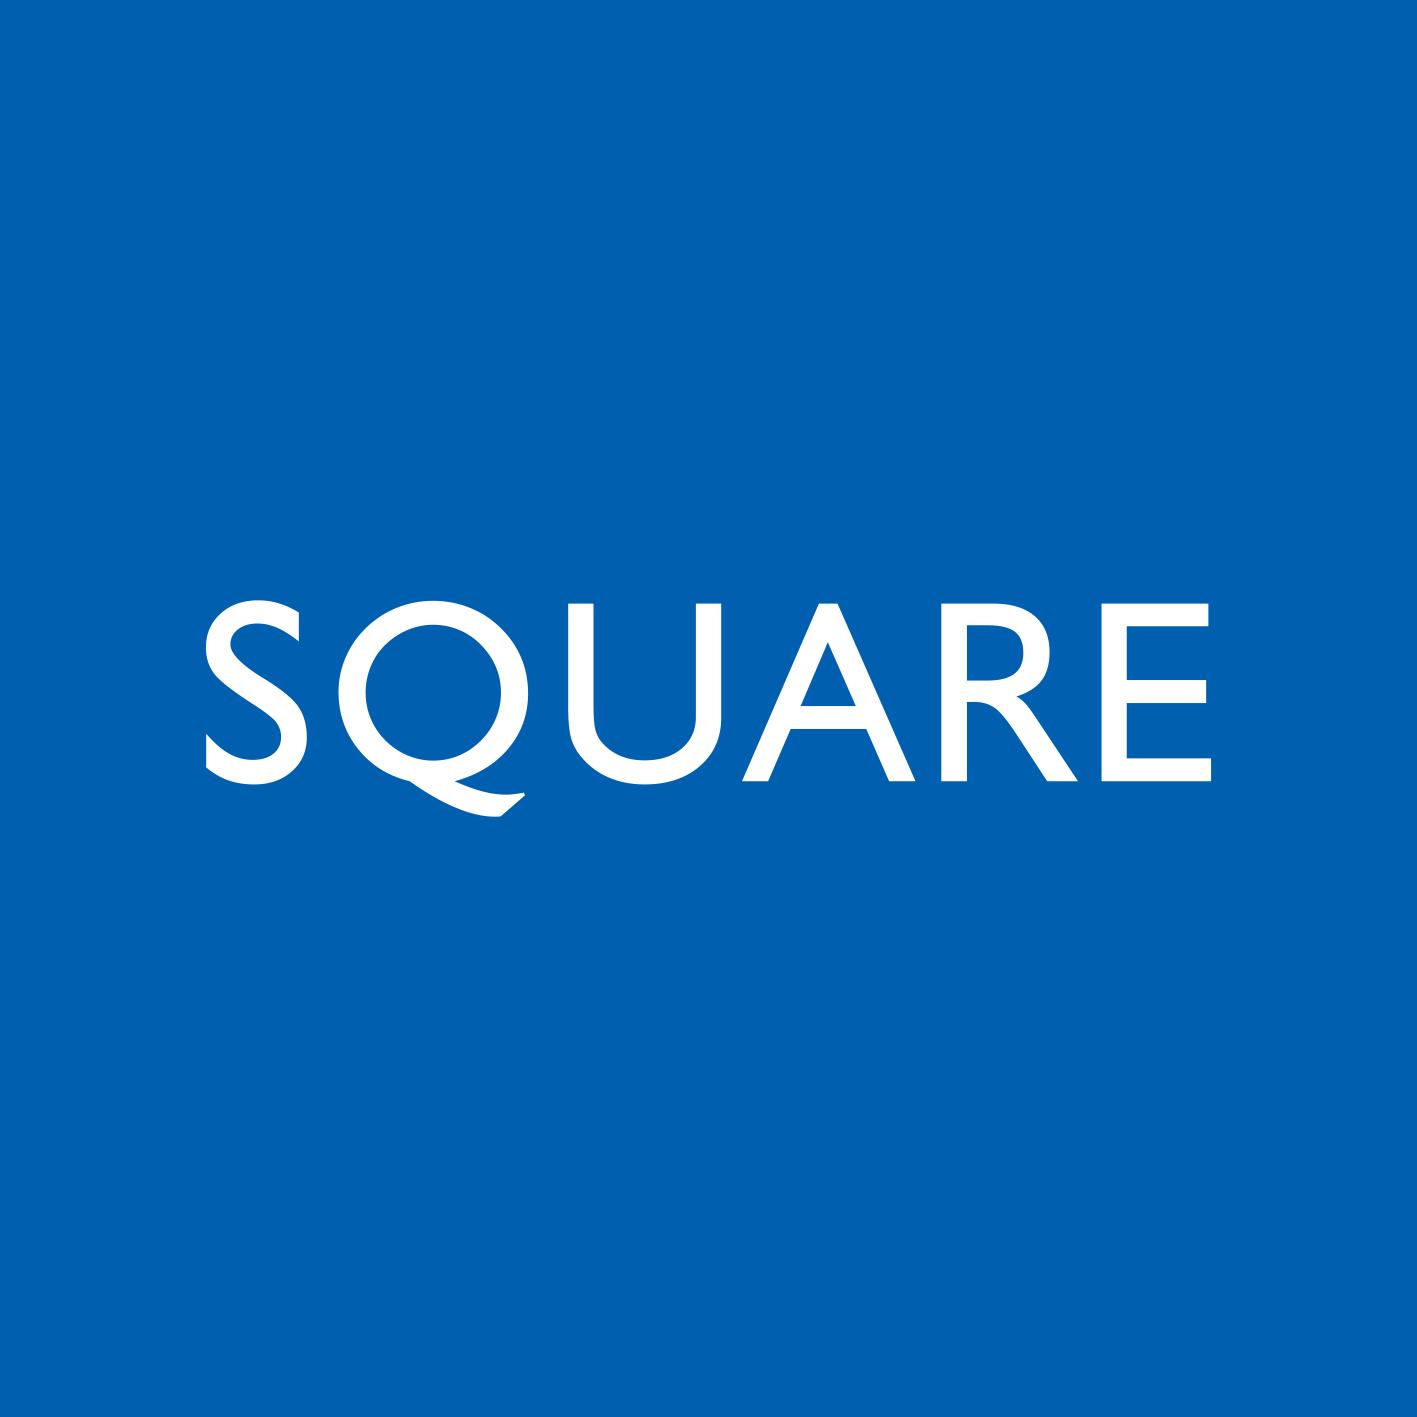 سكوير تريندز Square Trends